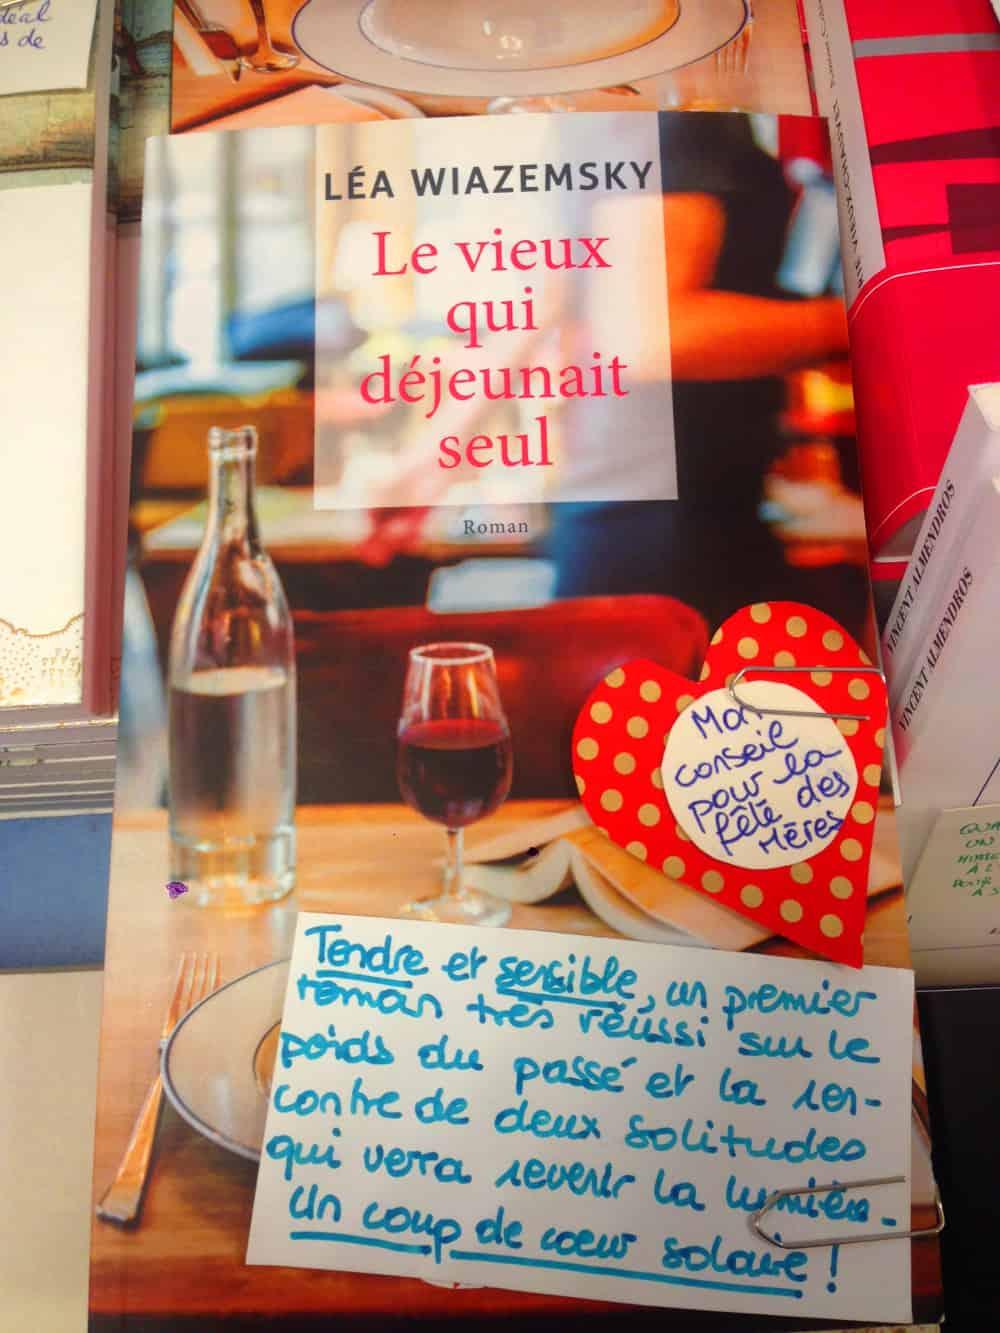 librairie-le-divan-paris-15